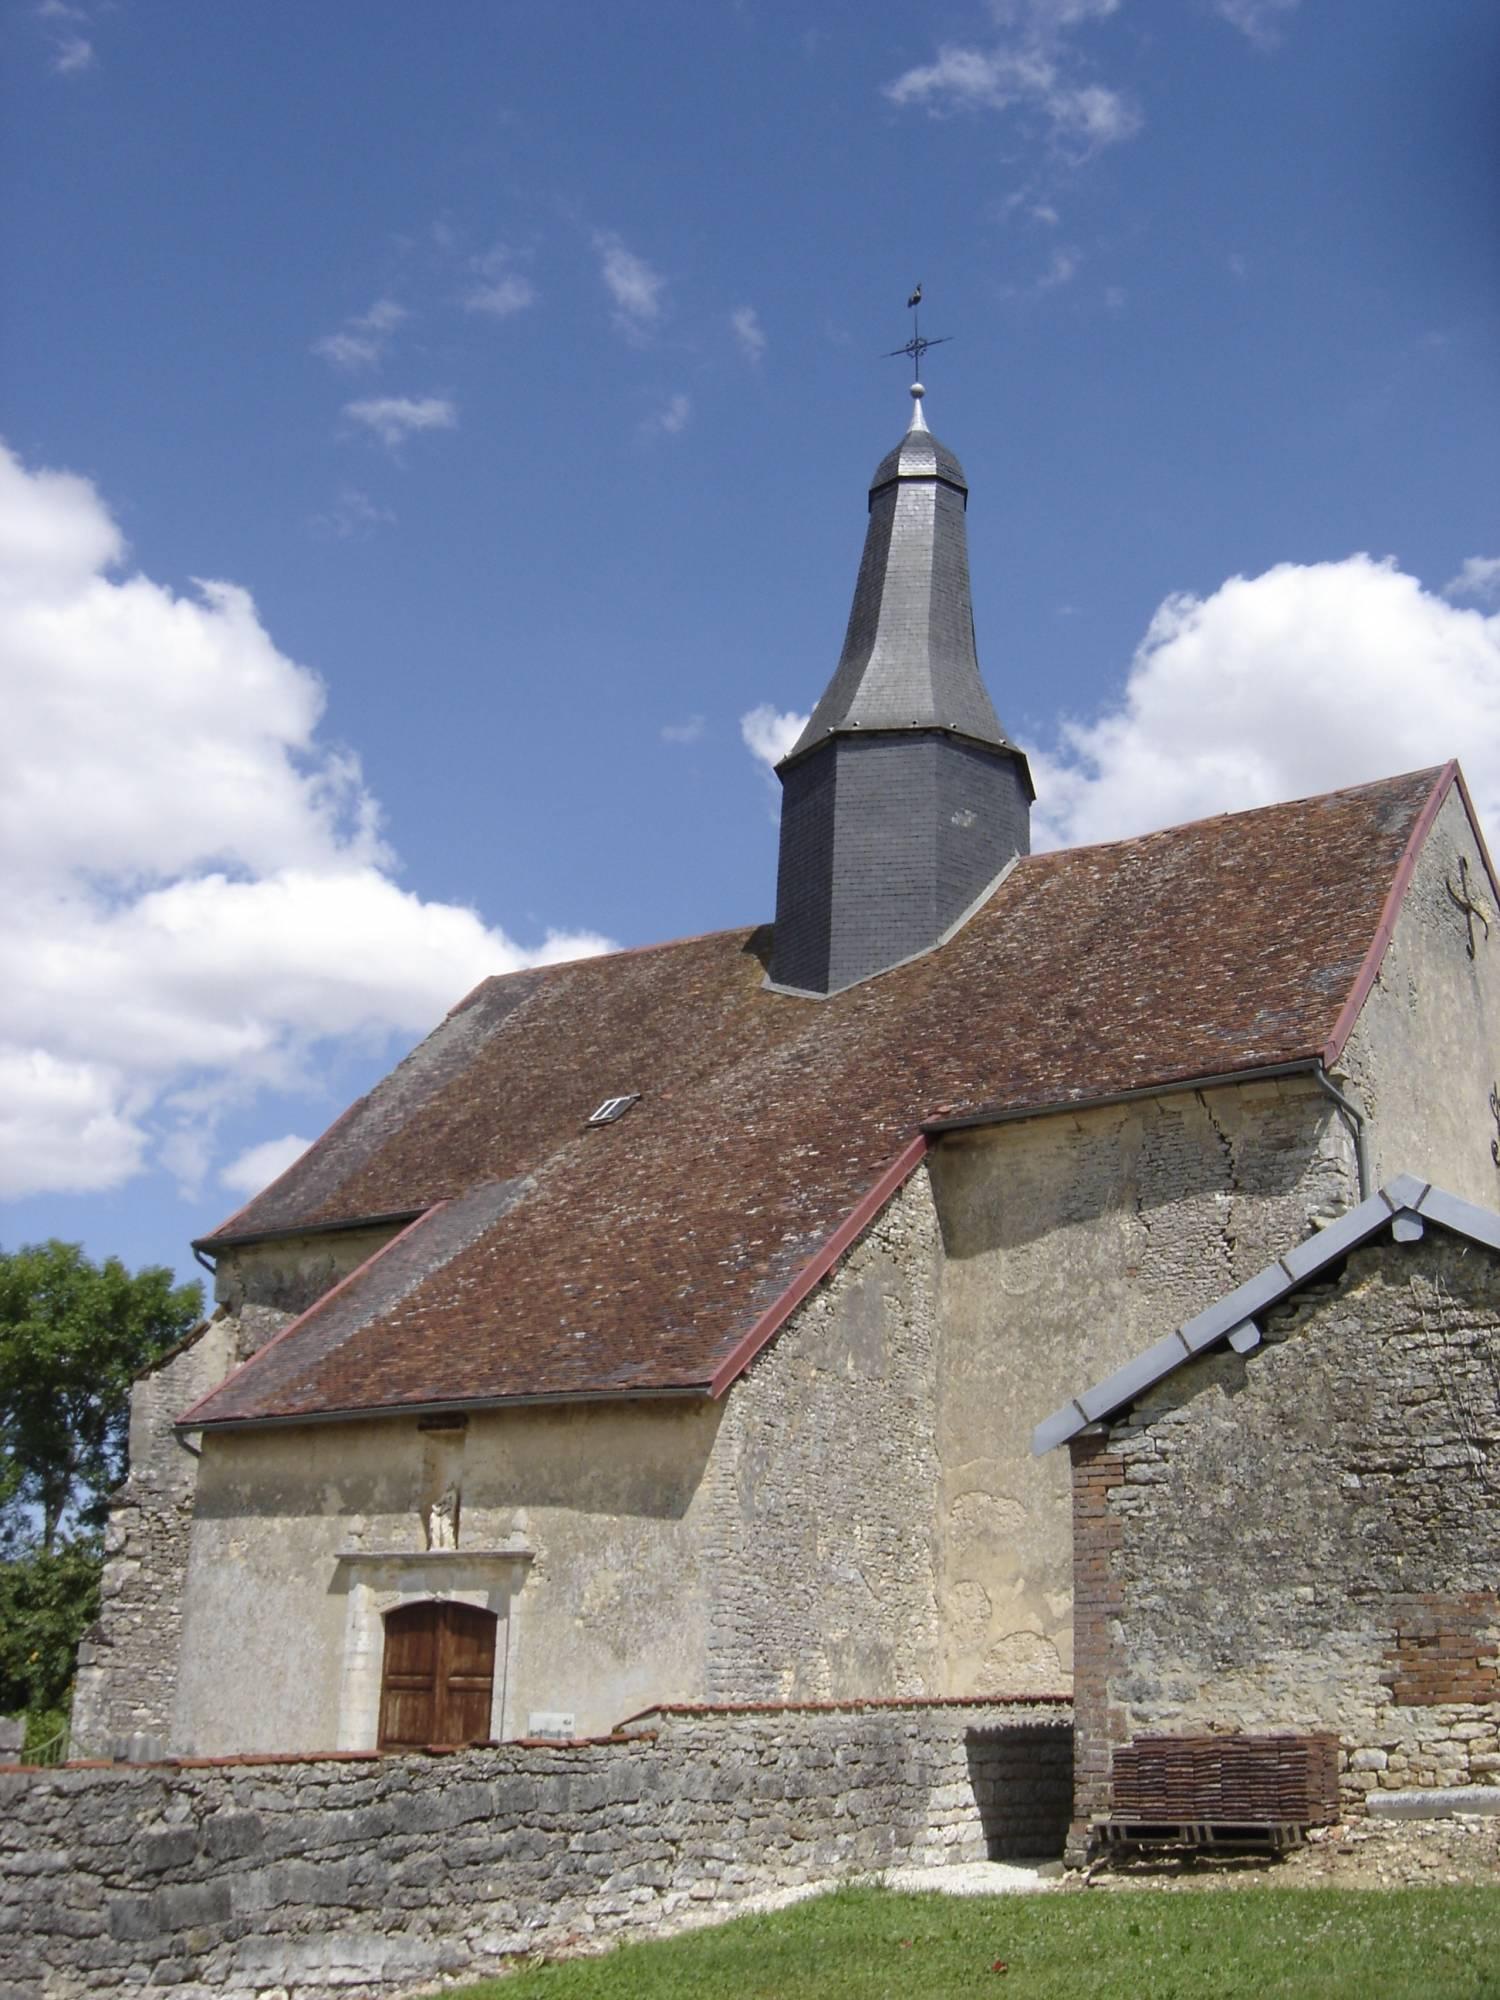 Puits-et-Nuisement (10) - église de l'Assomption-de-la-Vierge - La Sauvegarde de l'Art Français